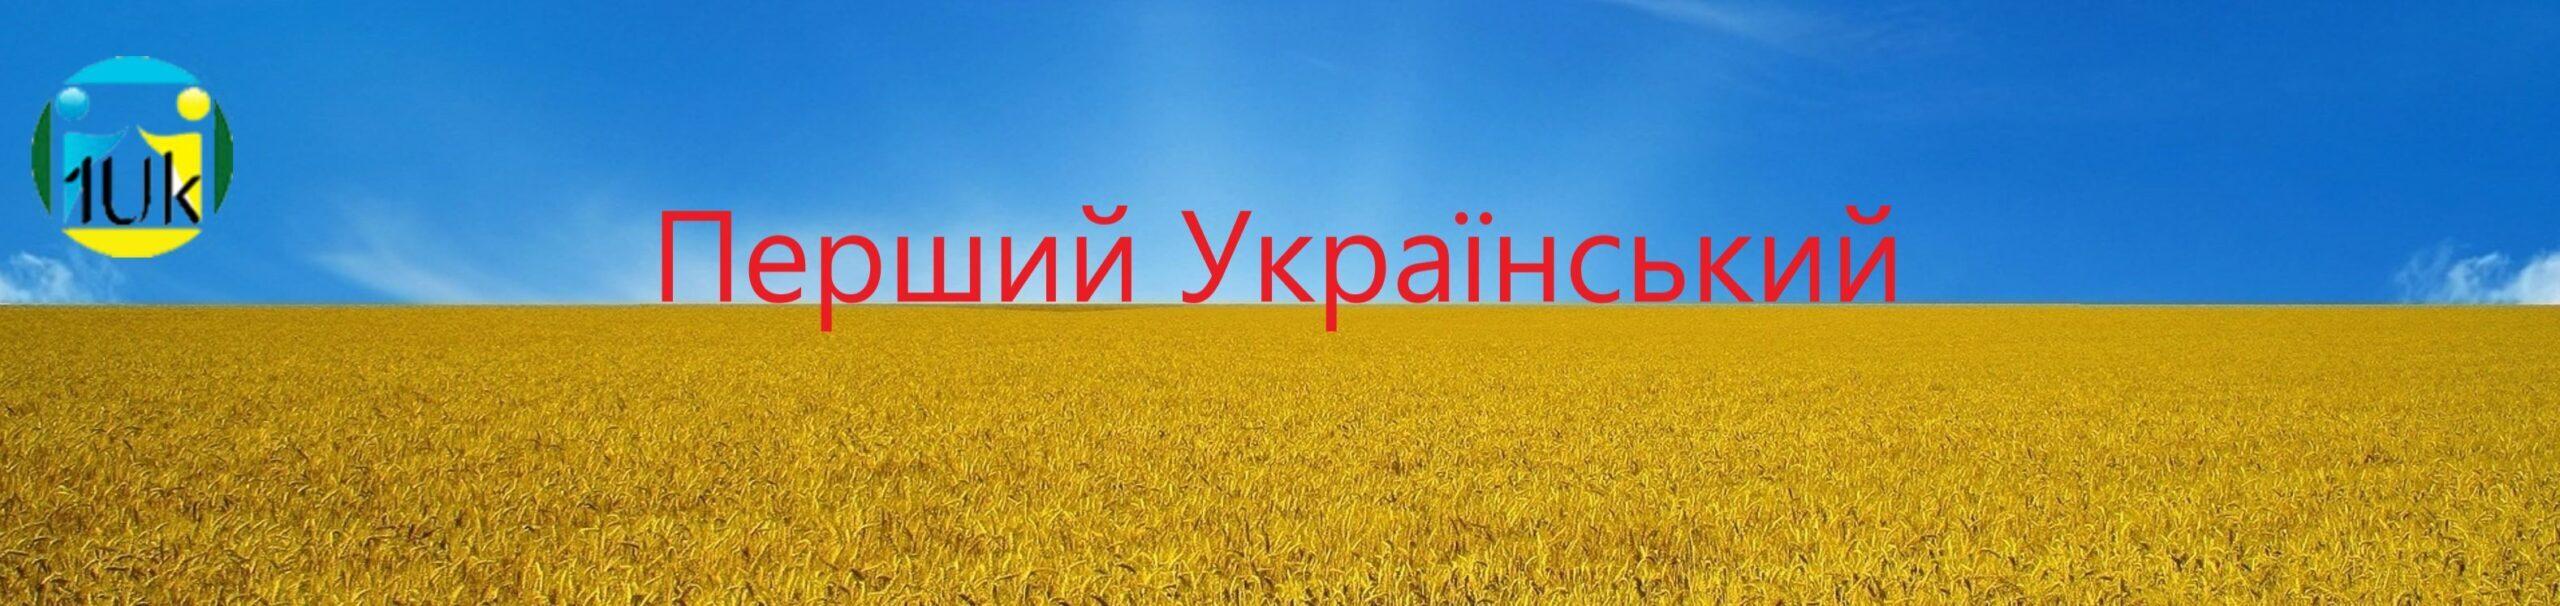 Перший Український